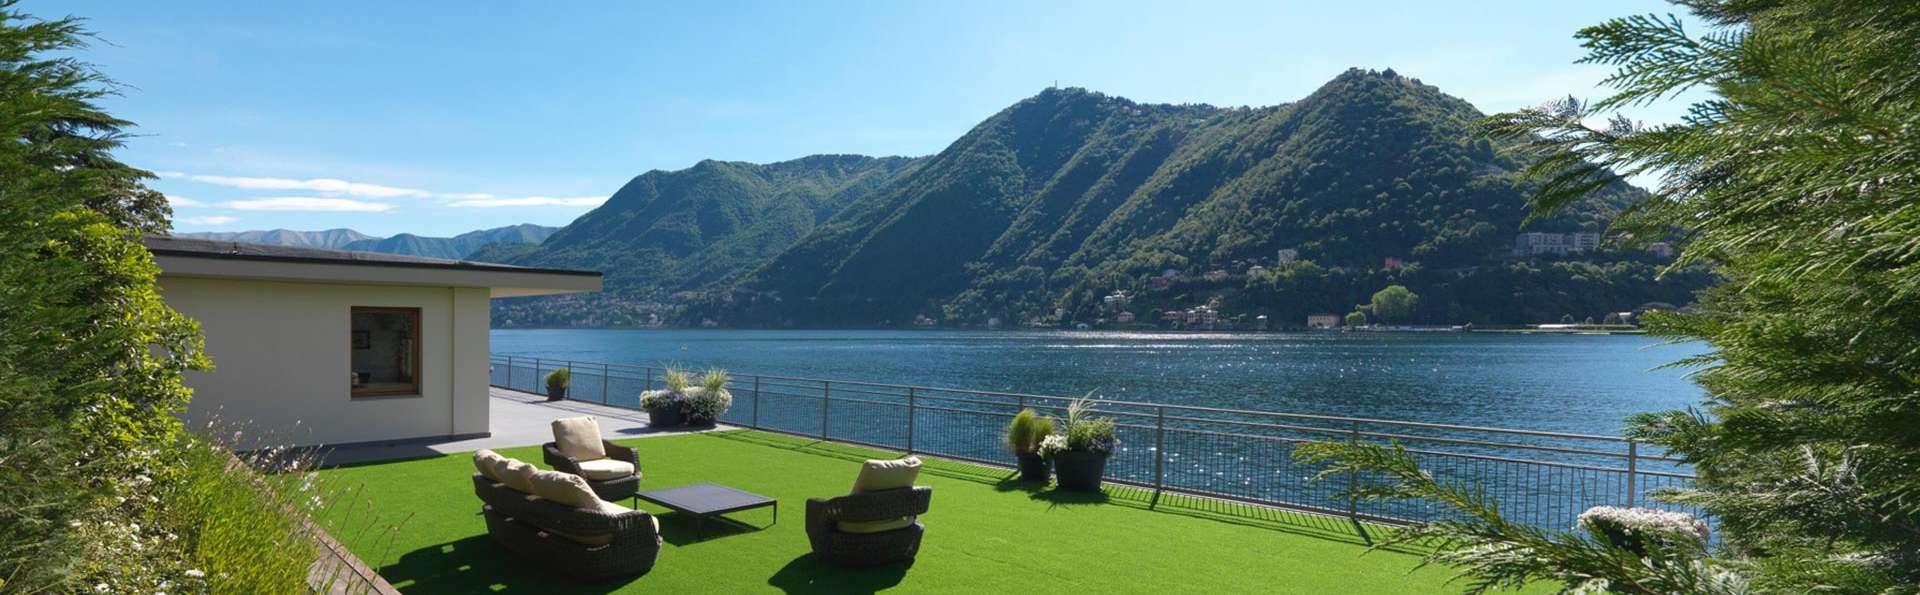 Hotel Villa Flori - EDIT_TERRACE_01.jpg